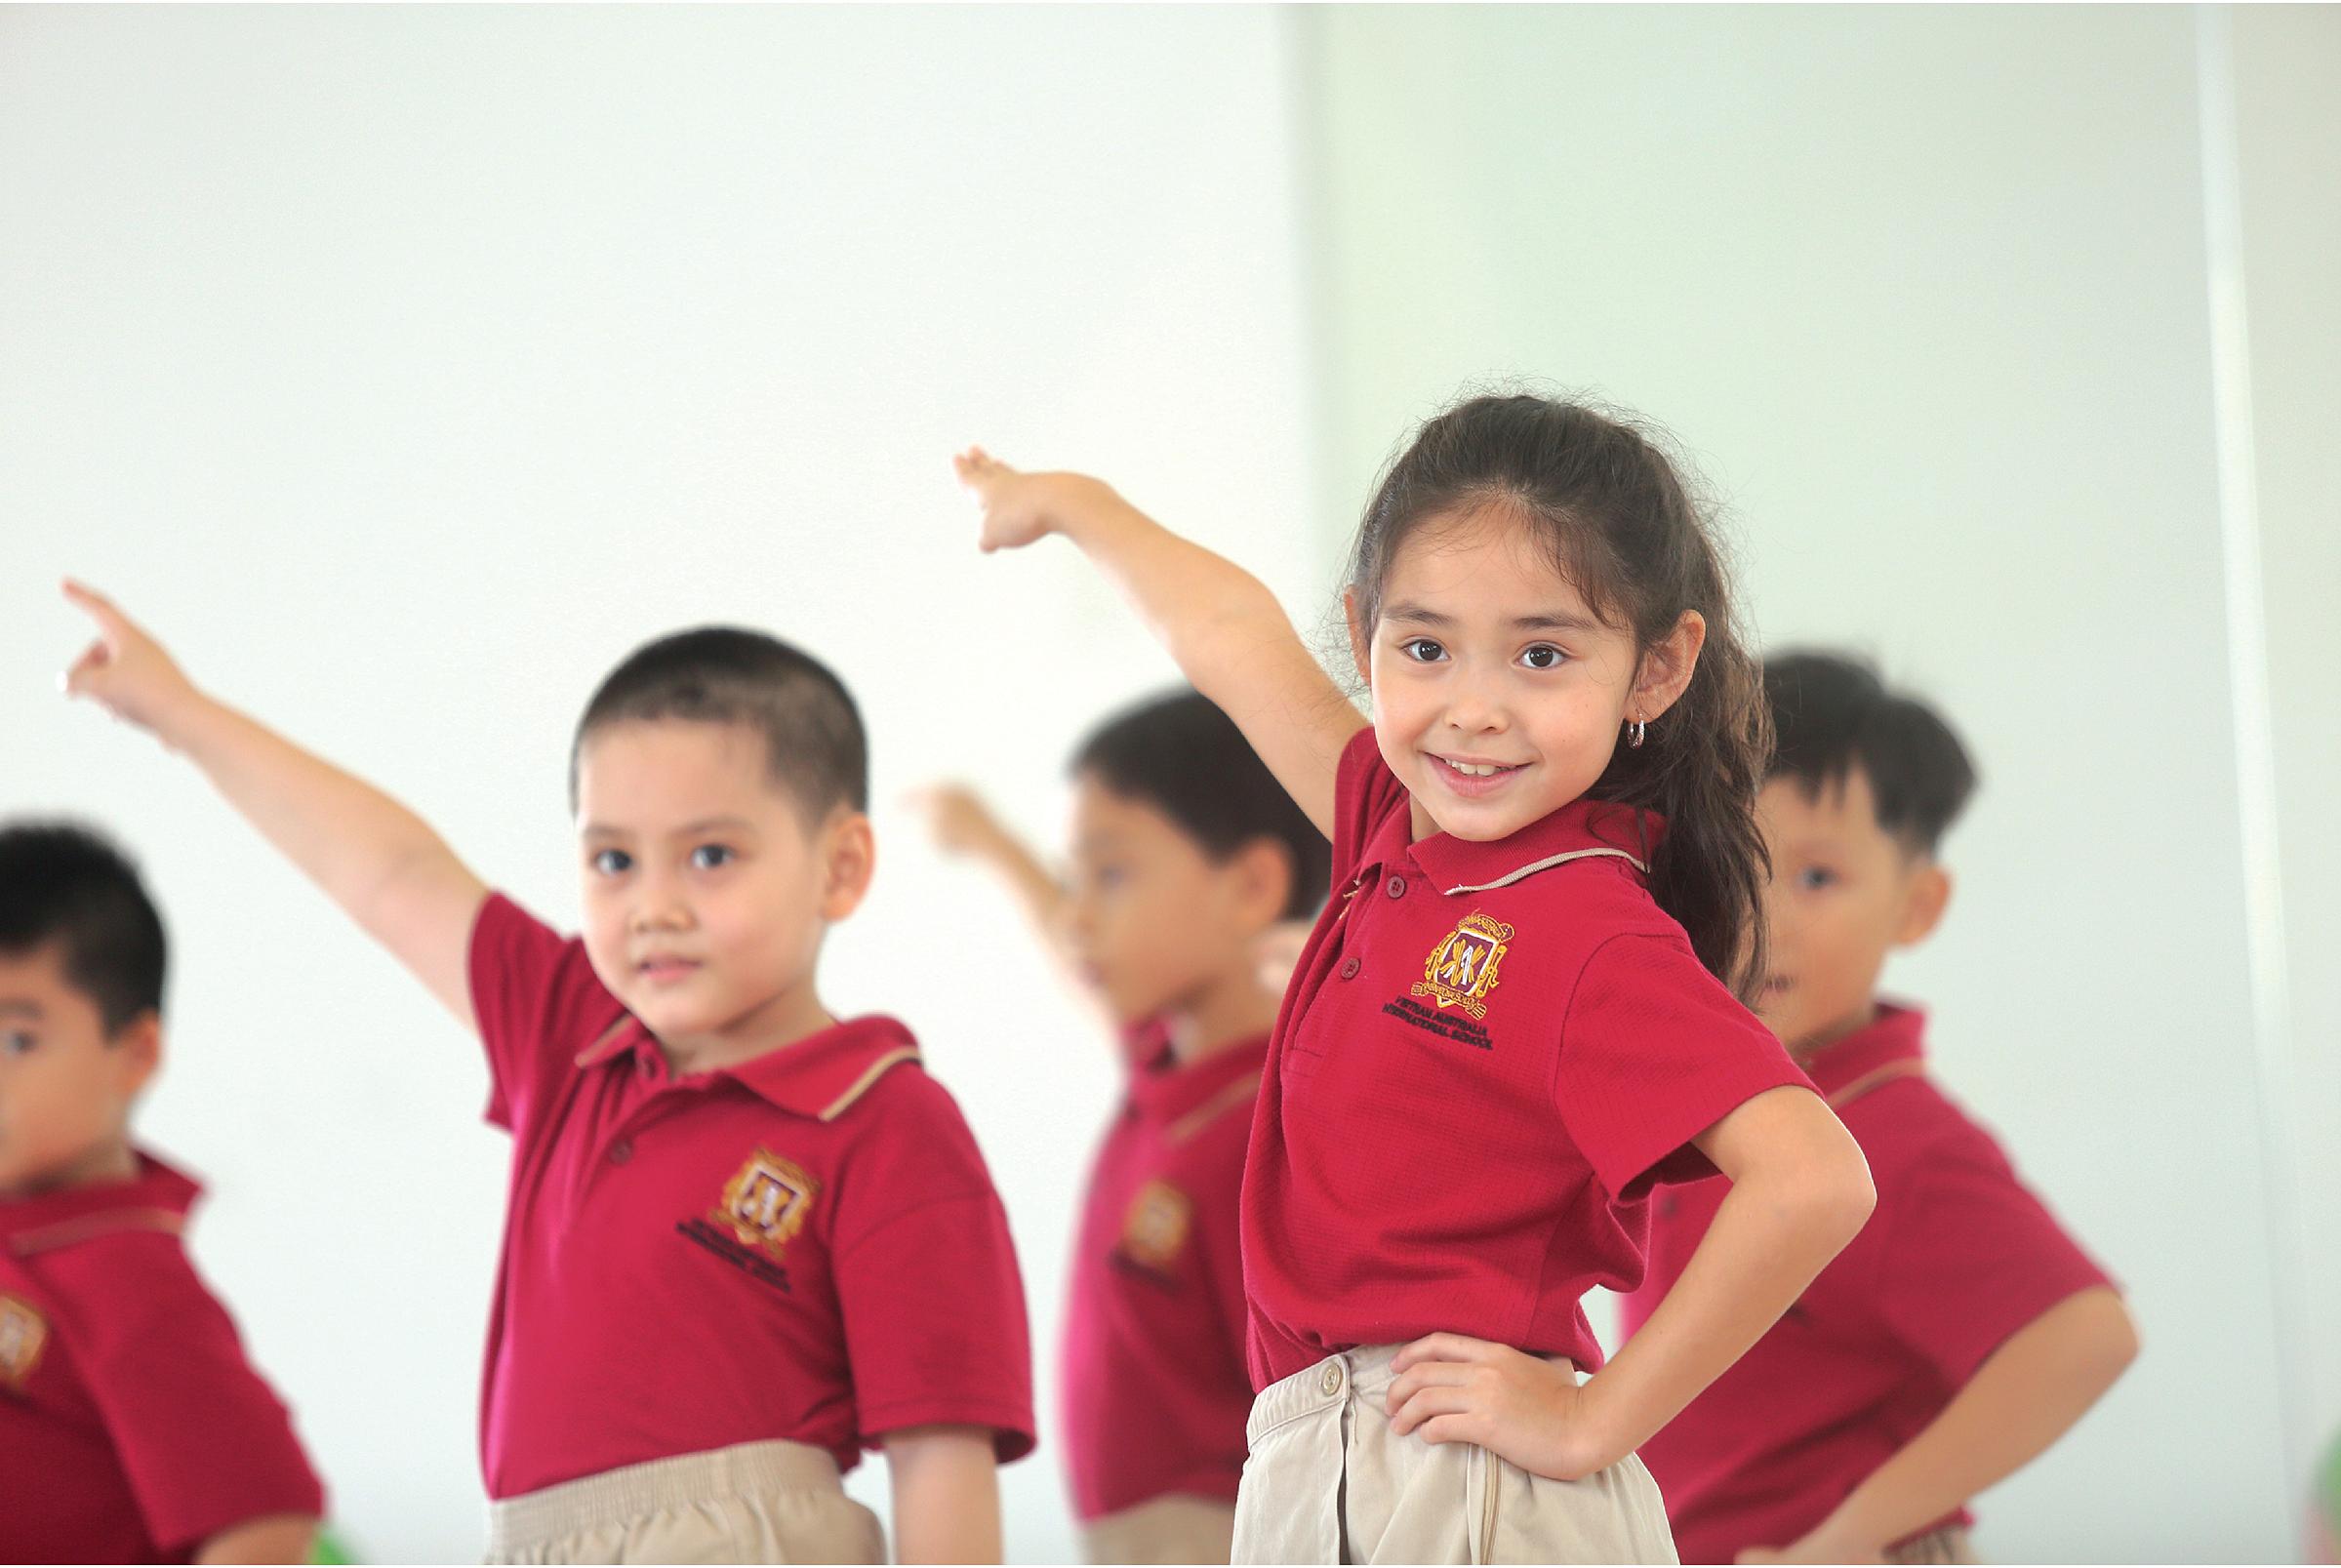 13 môn học miễn phí thú vị về thể thao, nhảy múa, nấu ăn, nghệ thuật...